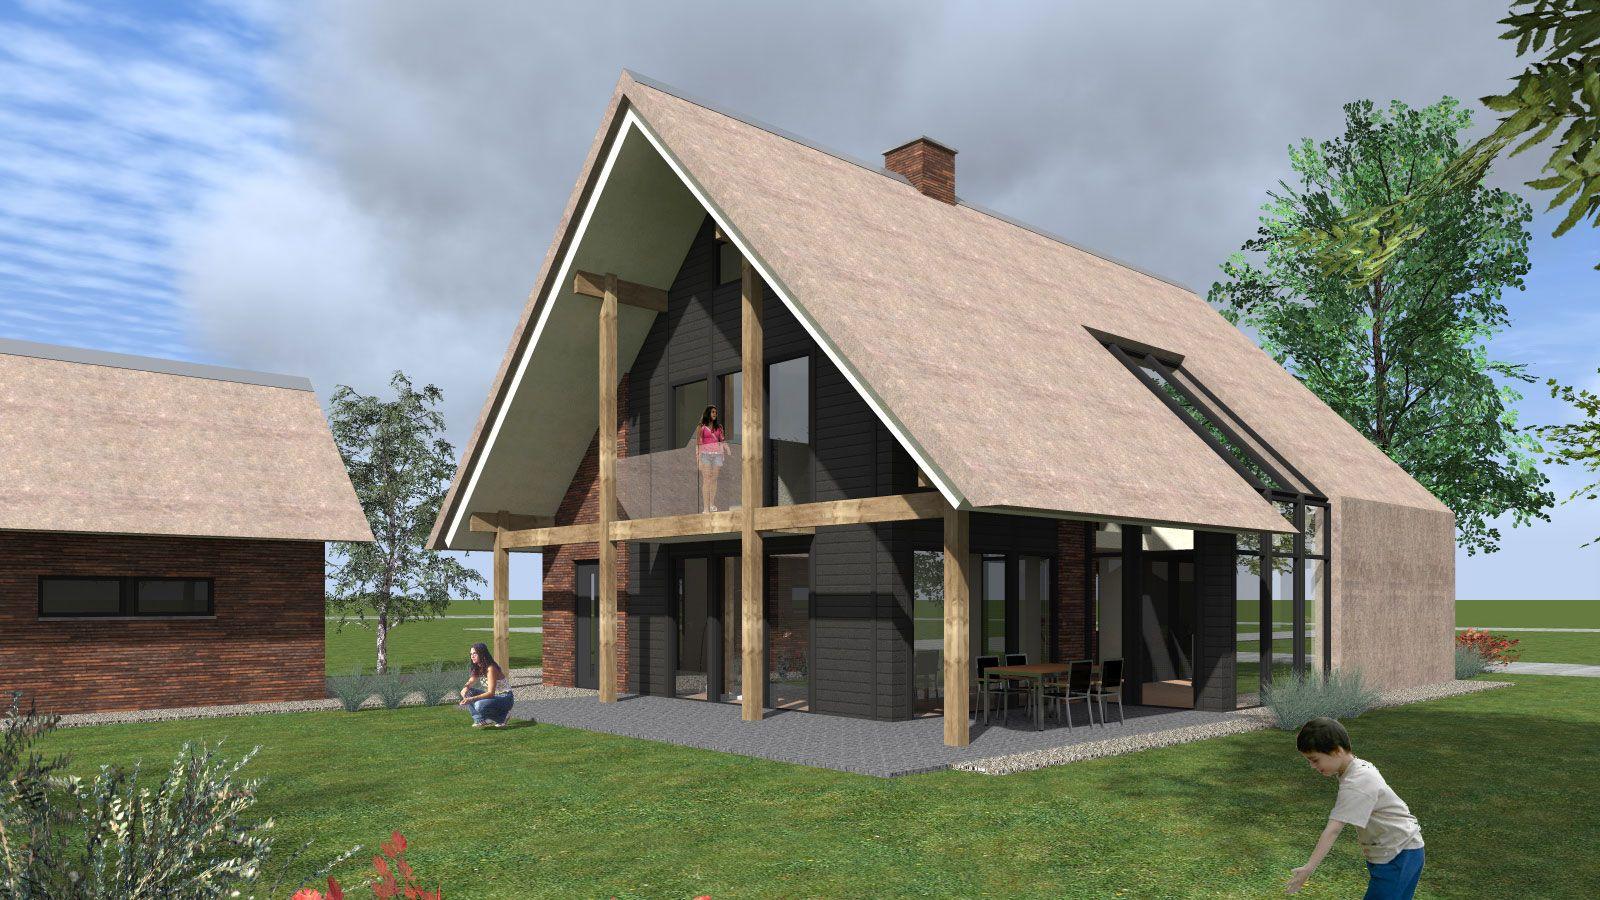 Hedendaagse woning ontwerp door bongers architecten bna ideea